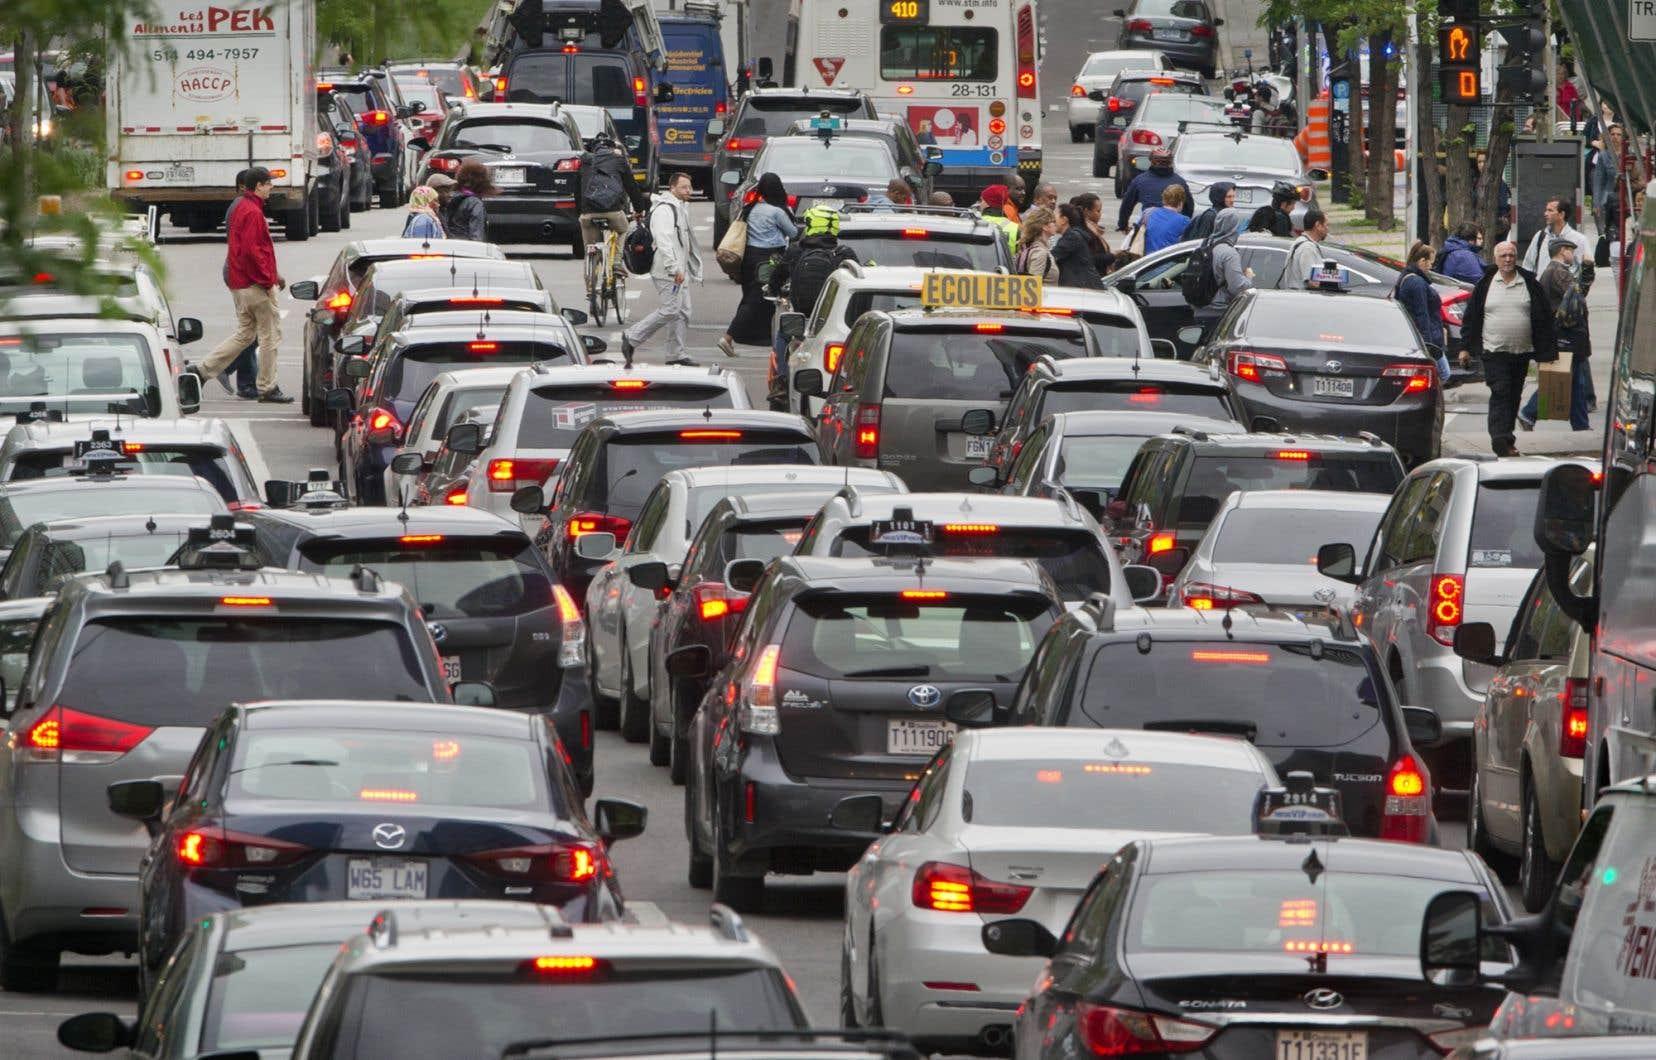 Évidemment, pour pouvoir vivre sans auto, il faut «organiser sa vie ». La principale condition est de demeurer dans un milieu suffisamment dense pour bénéficier d'un bon service de transport en commun.